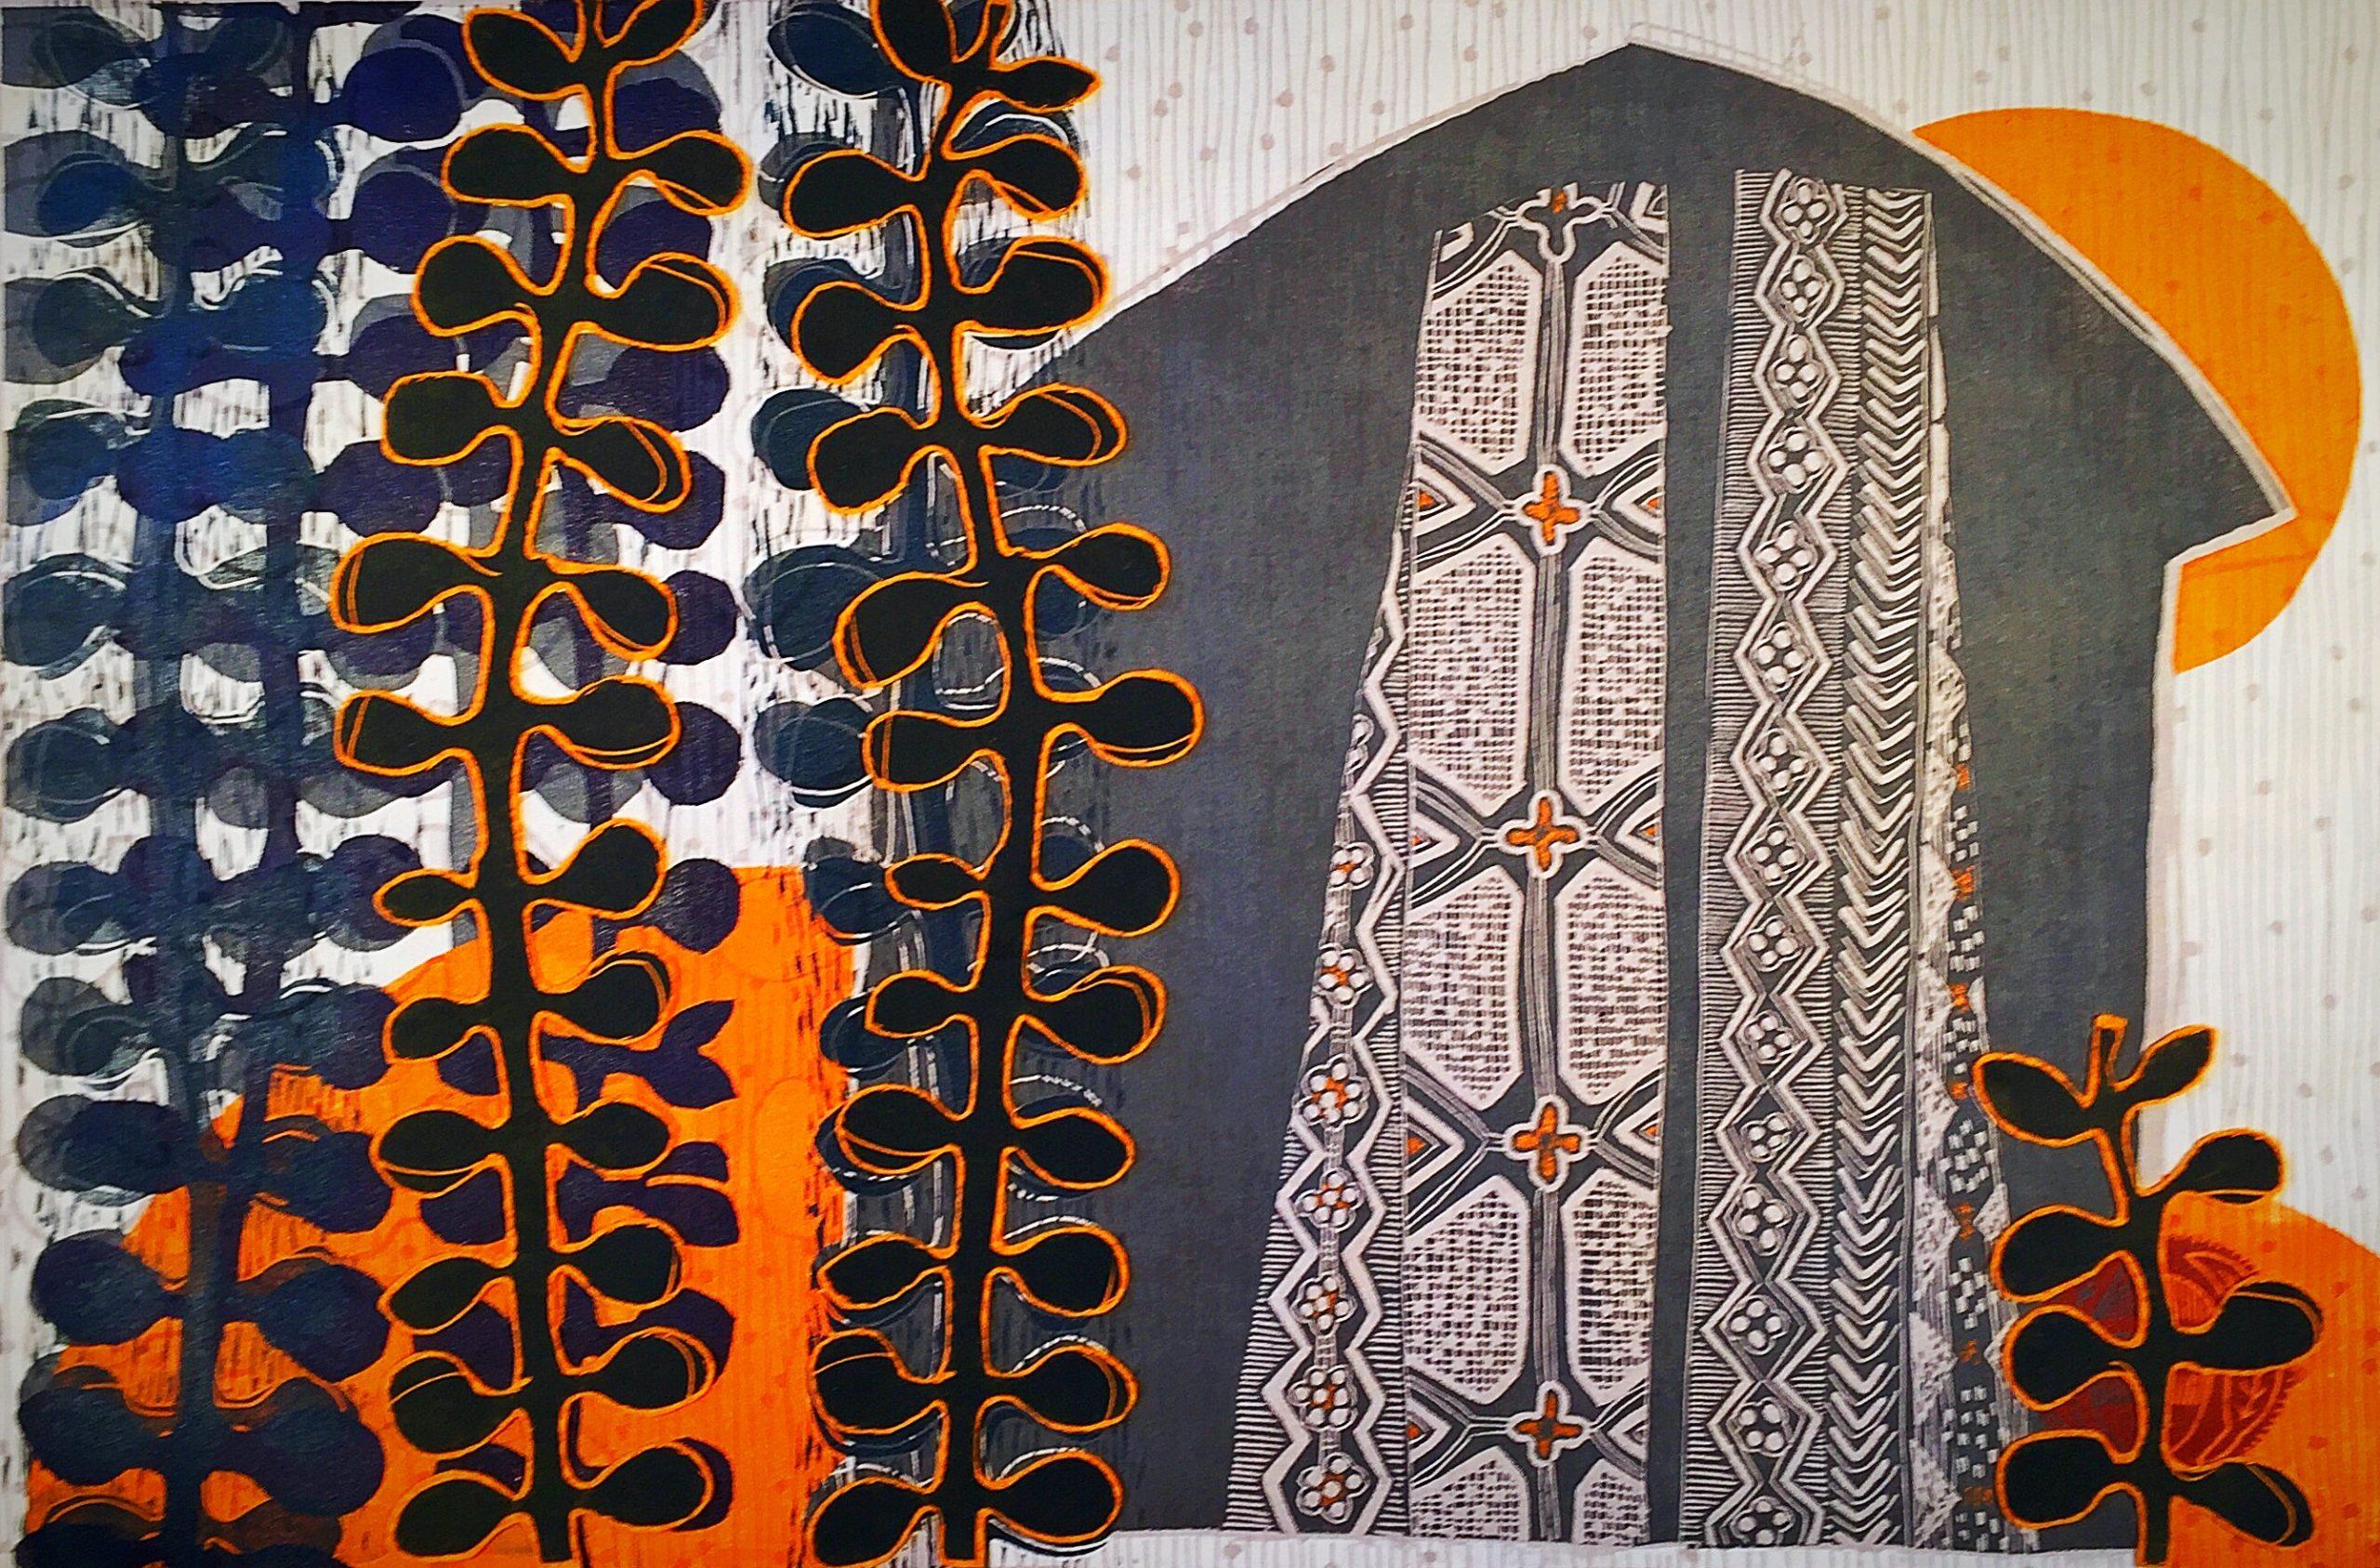 Zomerexpositie Galerie Wind – UPDATE